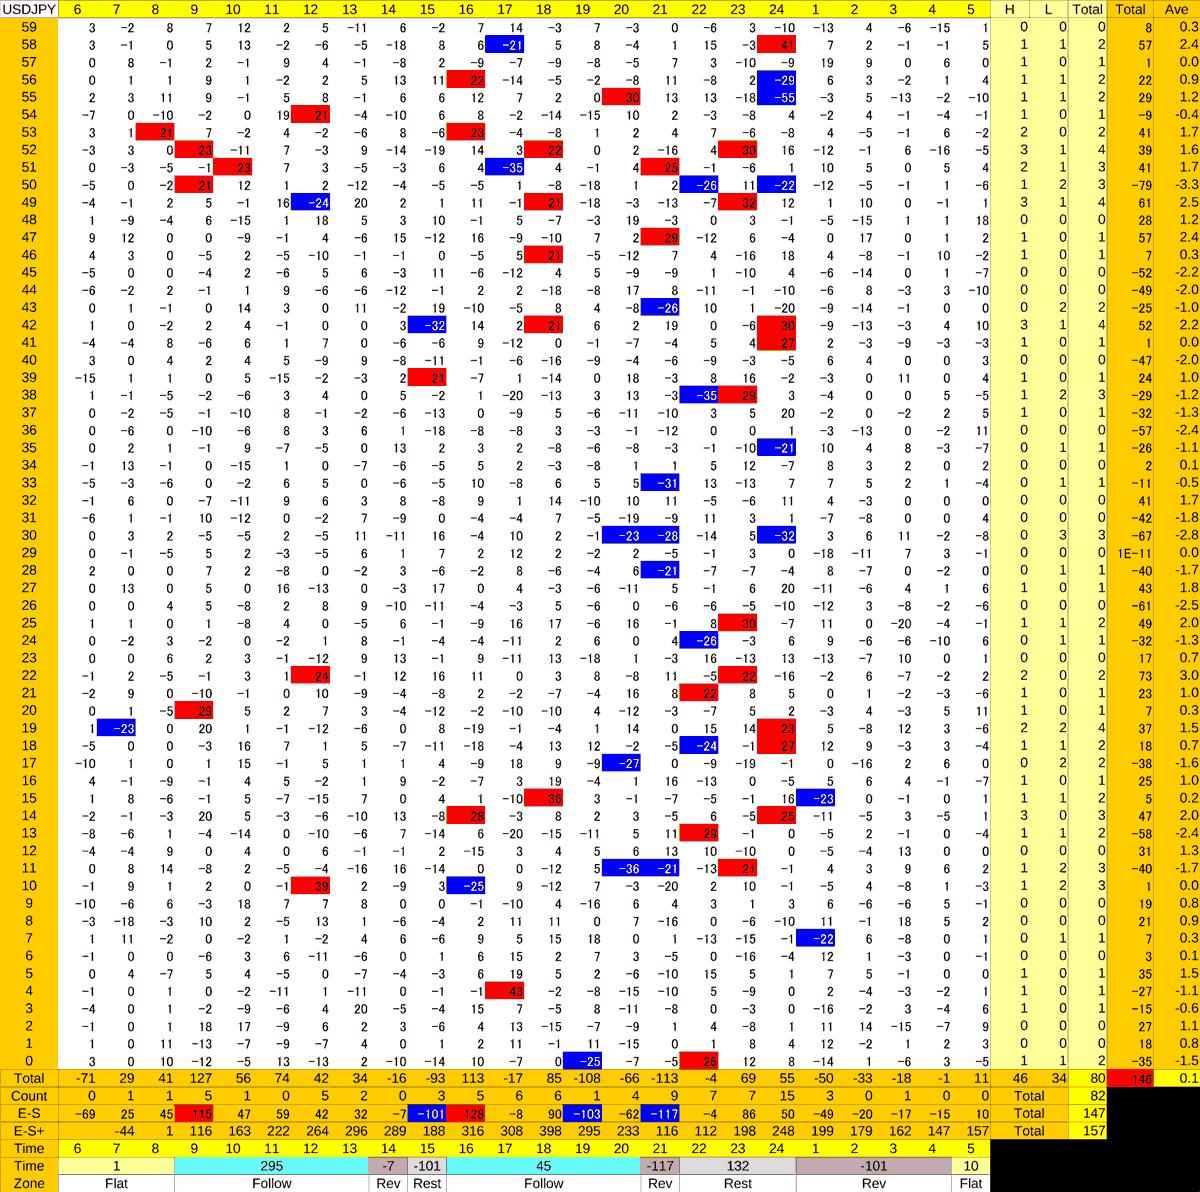 20201218_HS(1)USDJPY